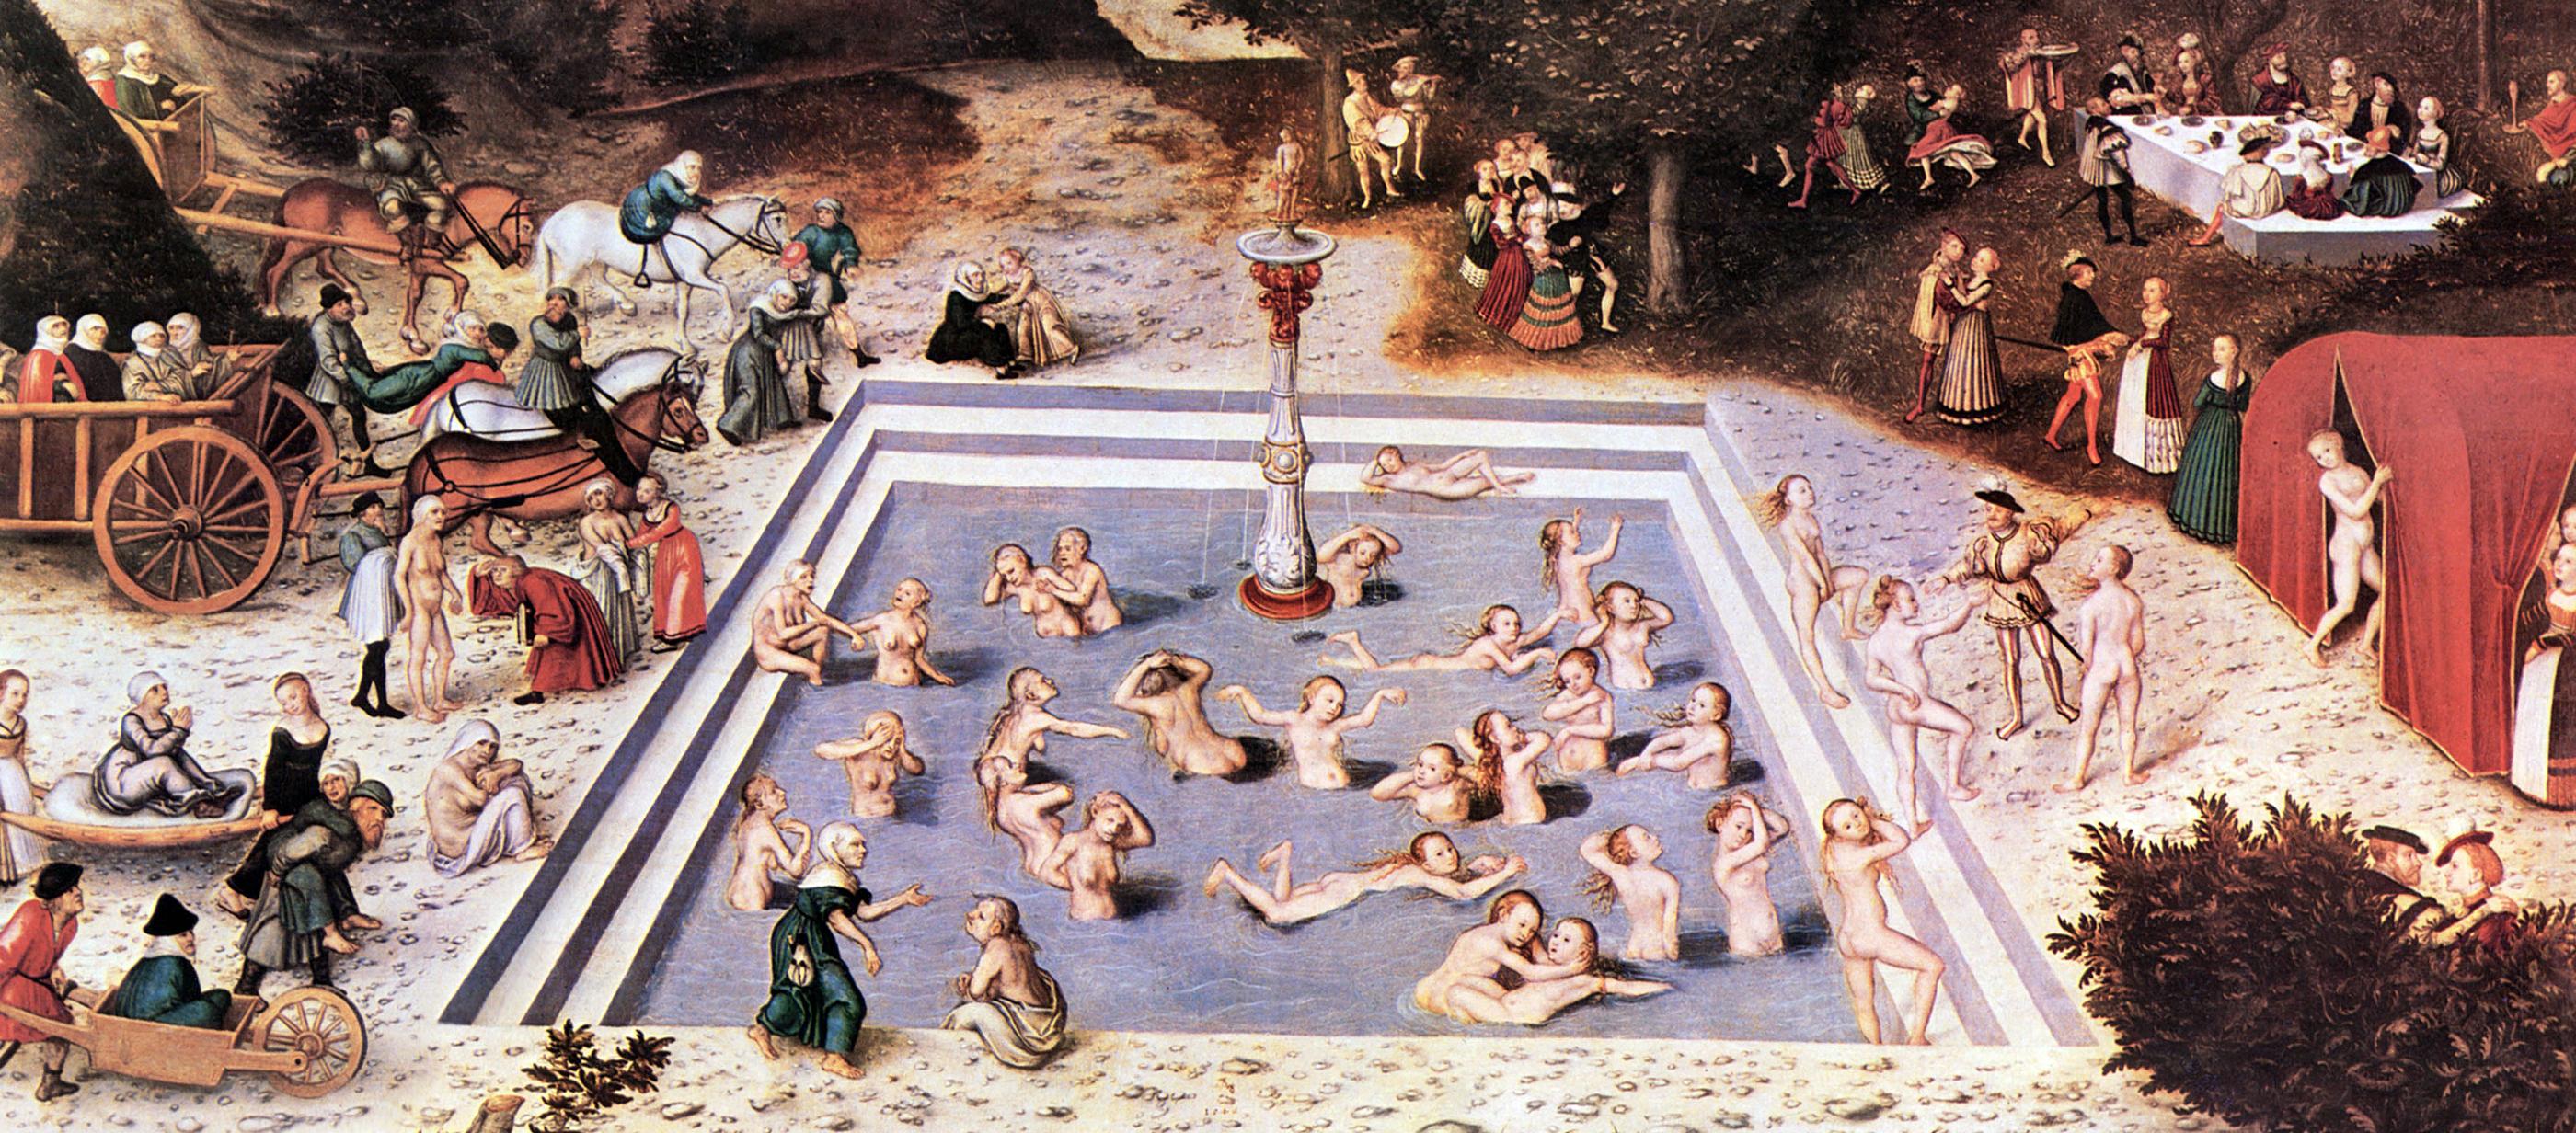 La fuente de la eterna juventud de Lucas Cranach. 1546.